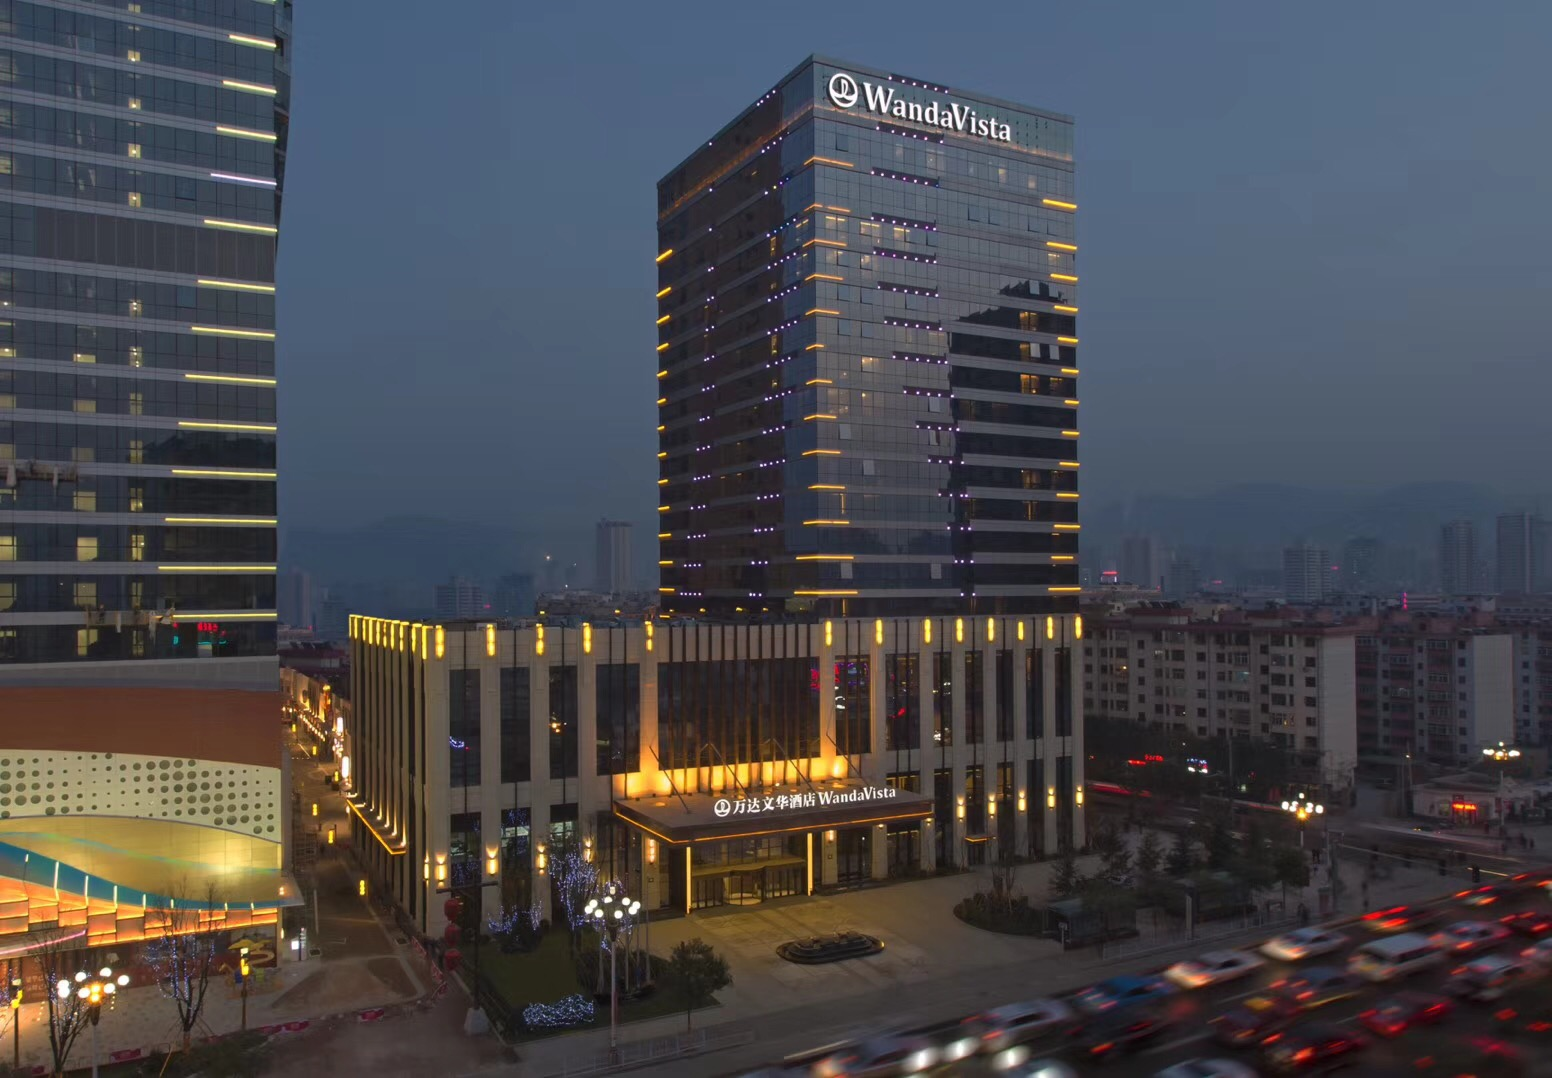 蘭州富力萬達文華酒店外觀-SV12.jpg